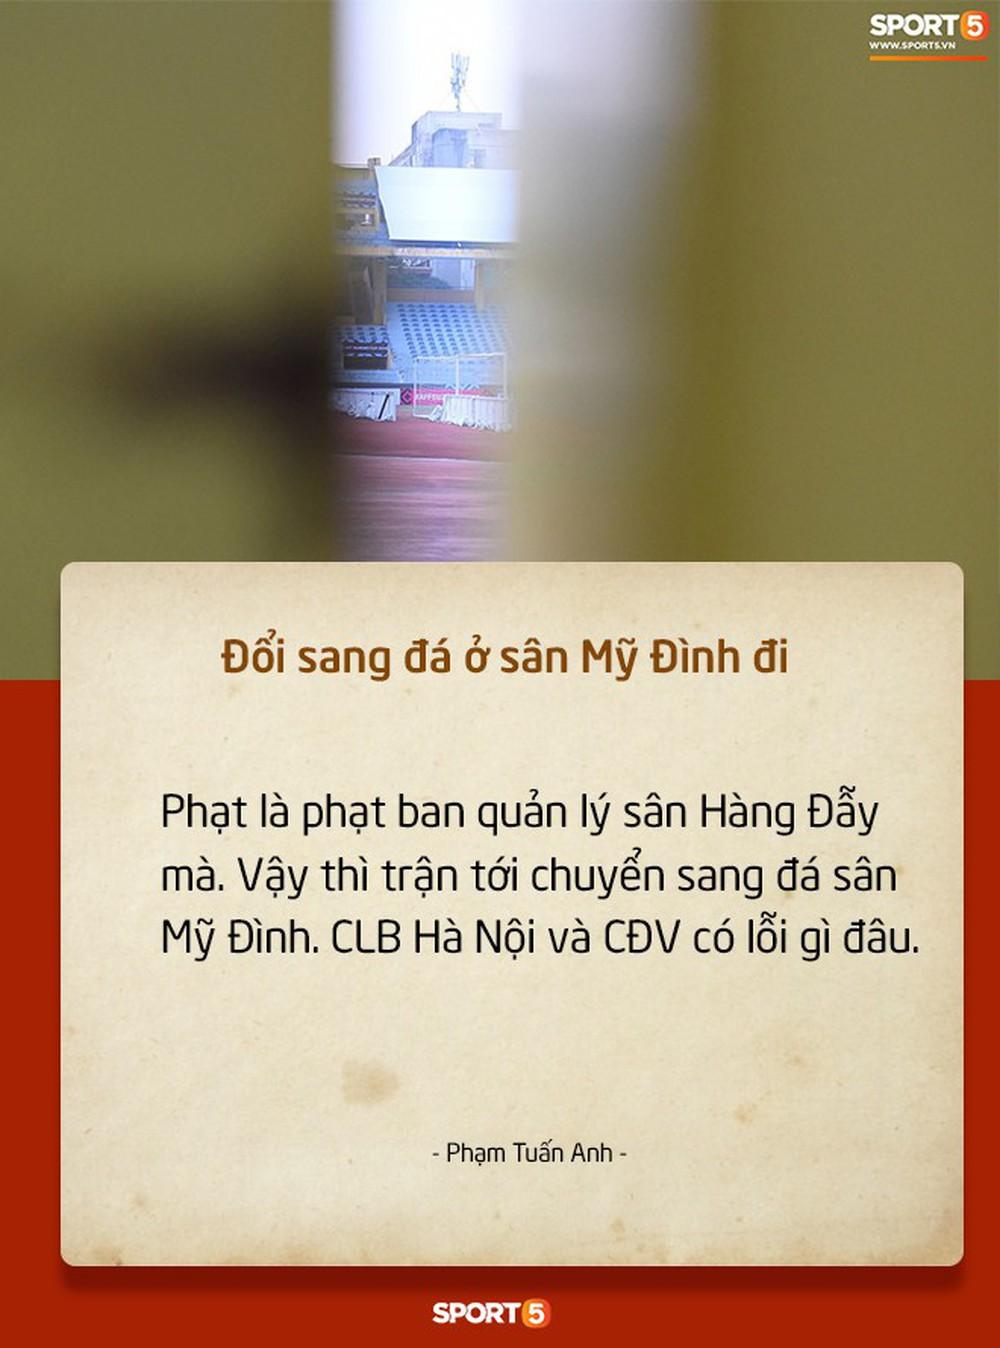 Fan Việt tranh cãi nảy lửa chuyện sân Hàng Đẫy bị treo vì CĐV Hải Phòng đốt pháo sáng - Ảnh 6.